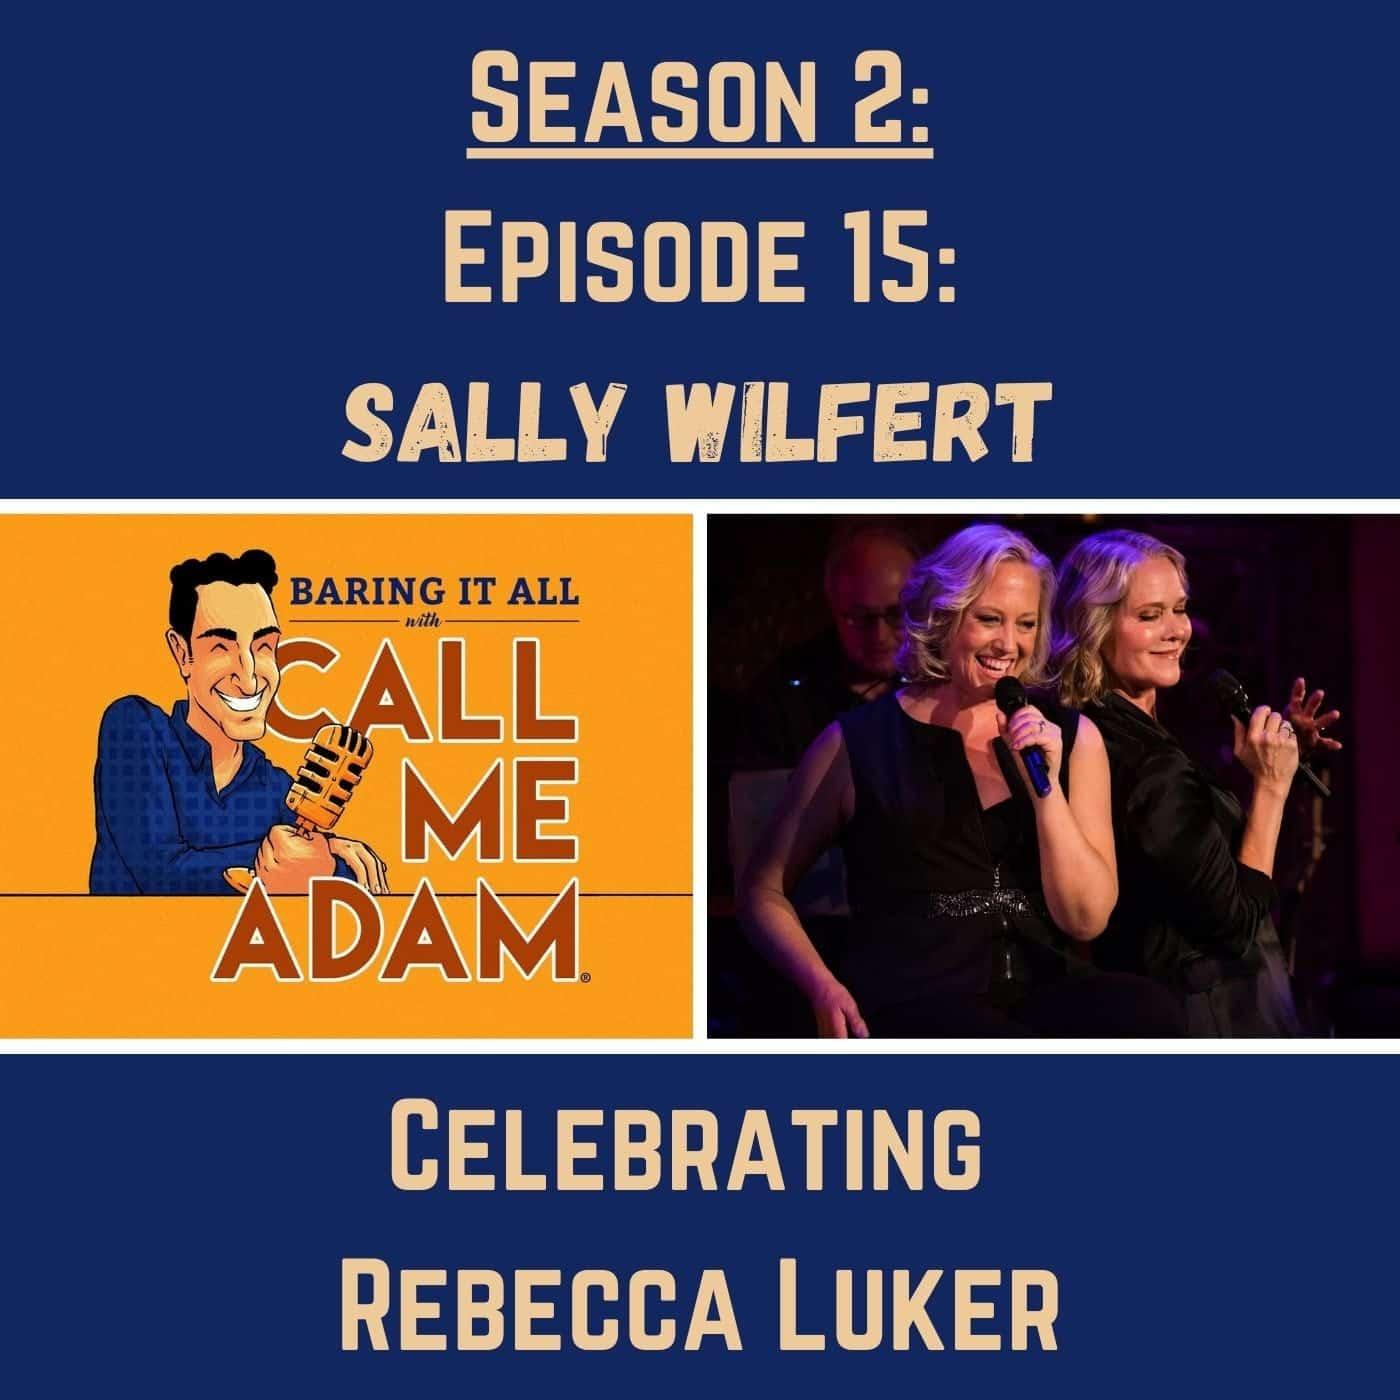 Season 2: Episode 15: Sally Wilfert: A Tribute to Rebecca Luker: Celebrating My Best Friend